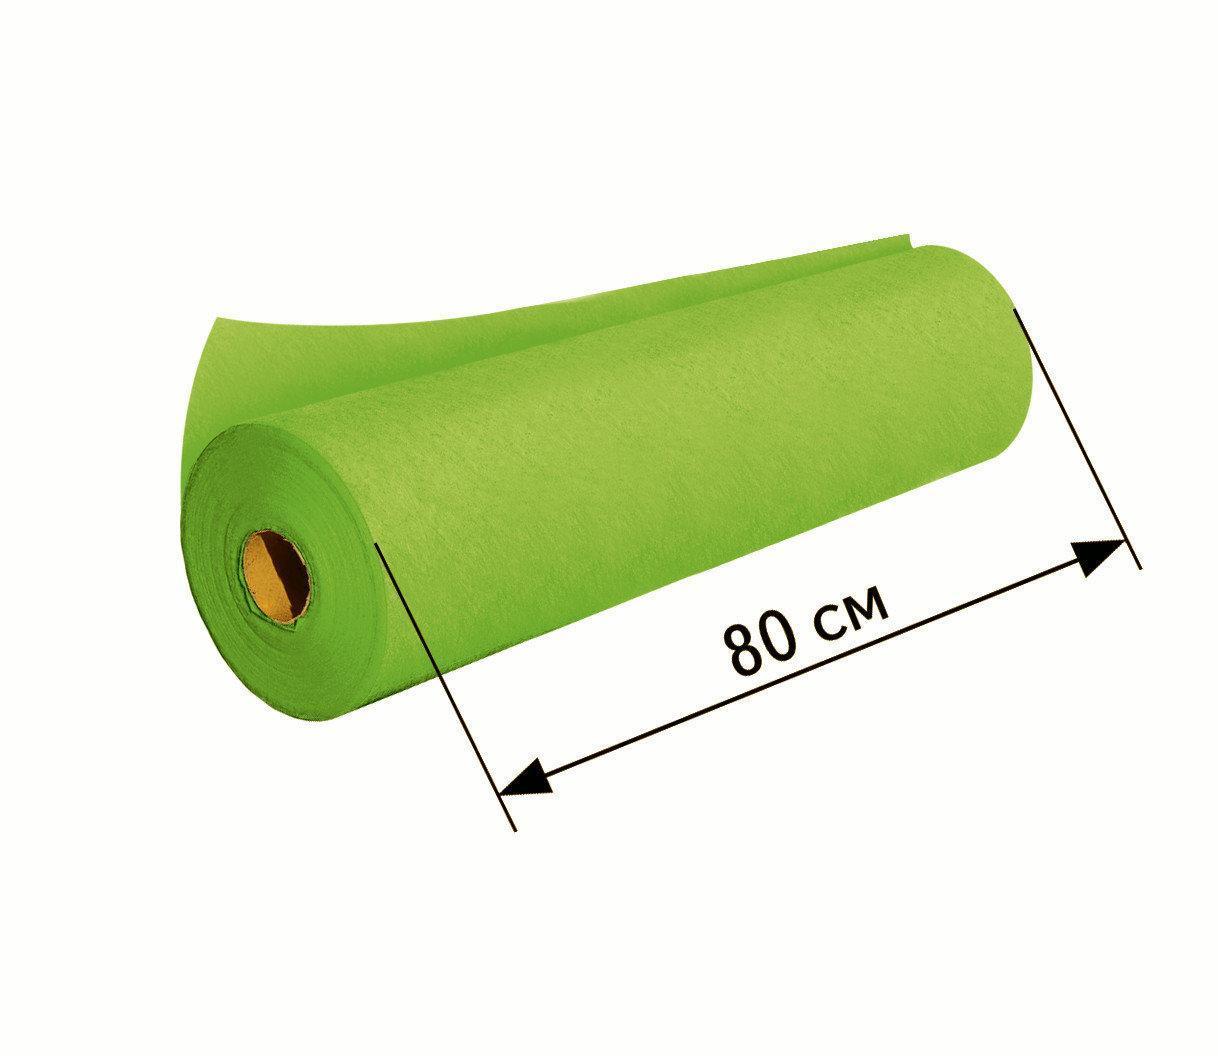 Простыни одноразовые в рулоне 0.8х100 м, 23 г/м2 - Зеленые